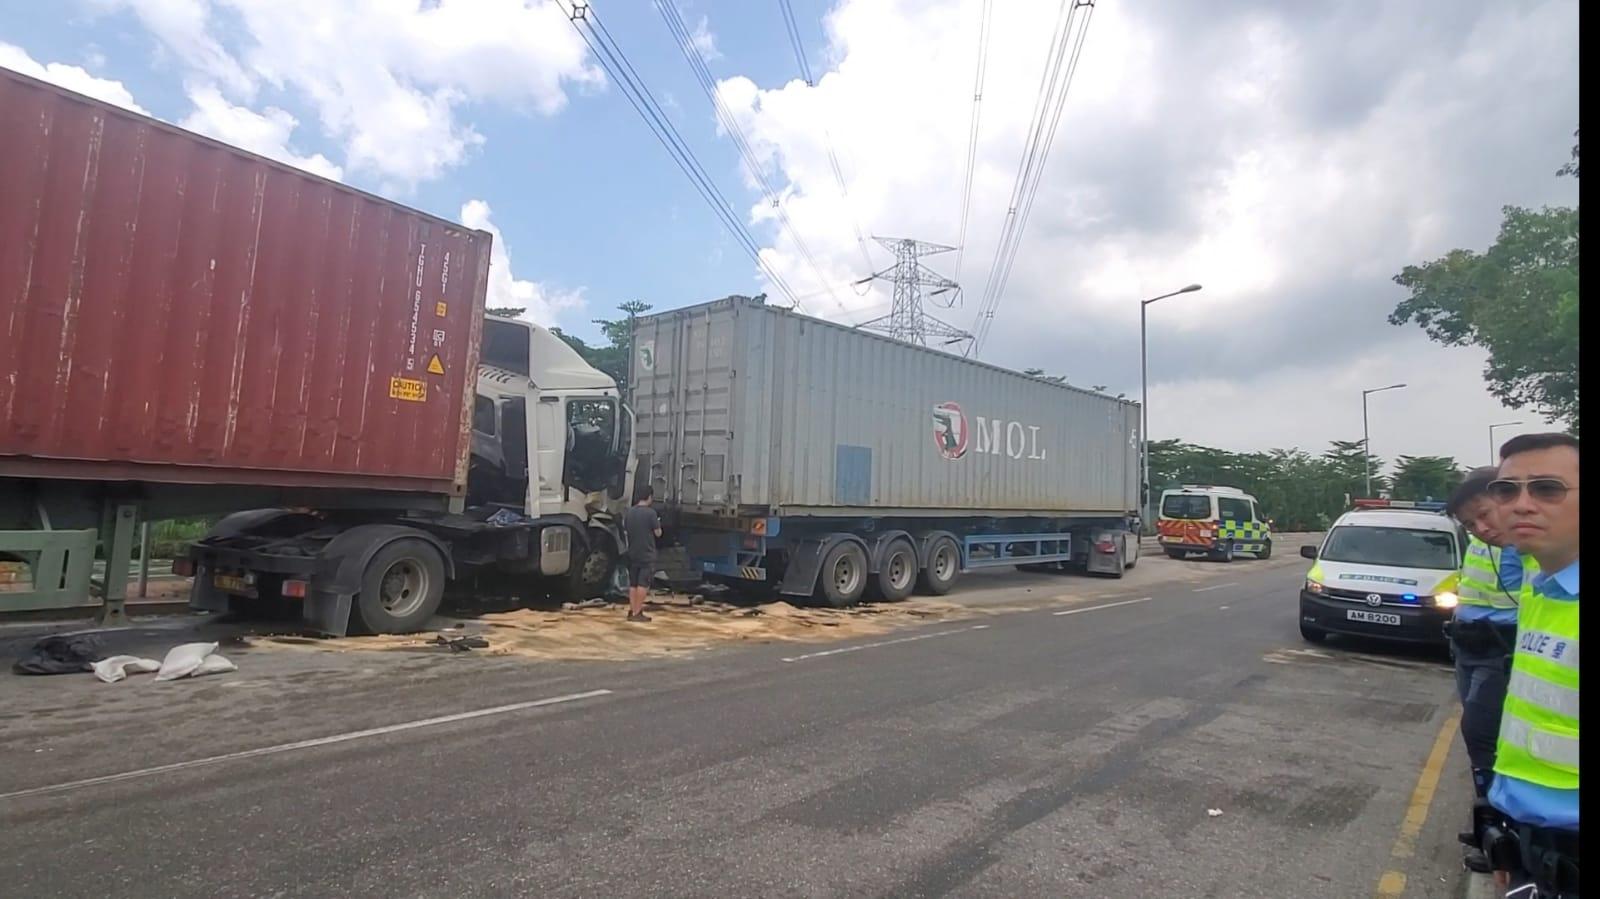 涉事2貨櫃車,撞倒一輛停泊在路邊的貨櫃車車尾。 林思明攝